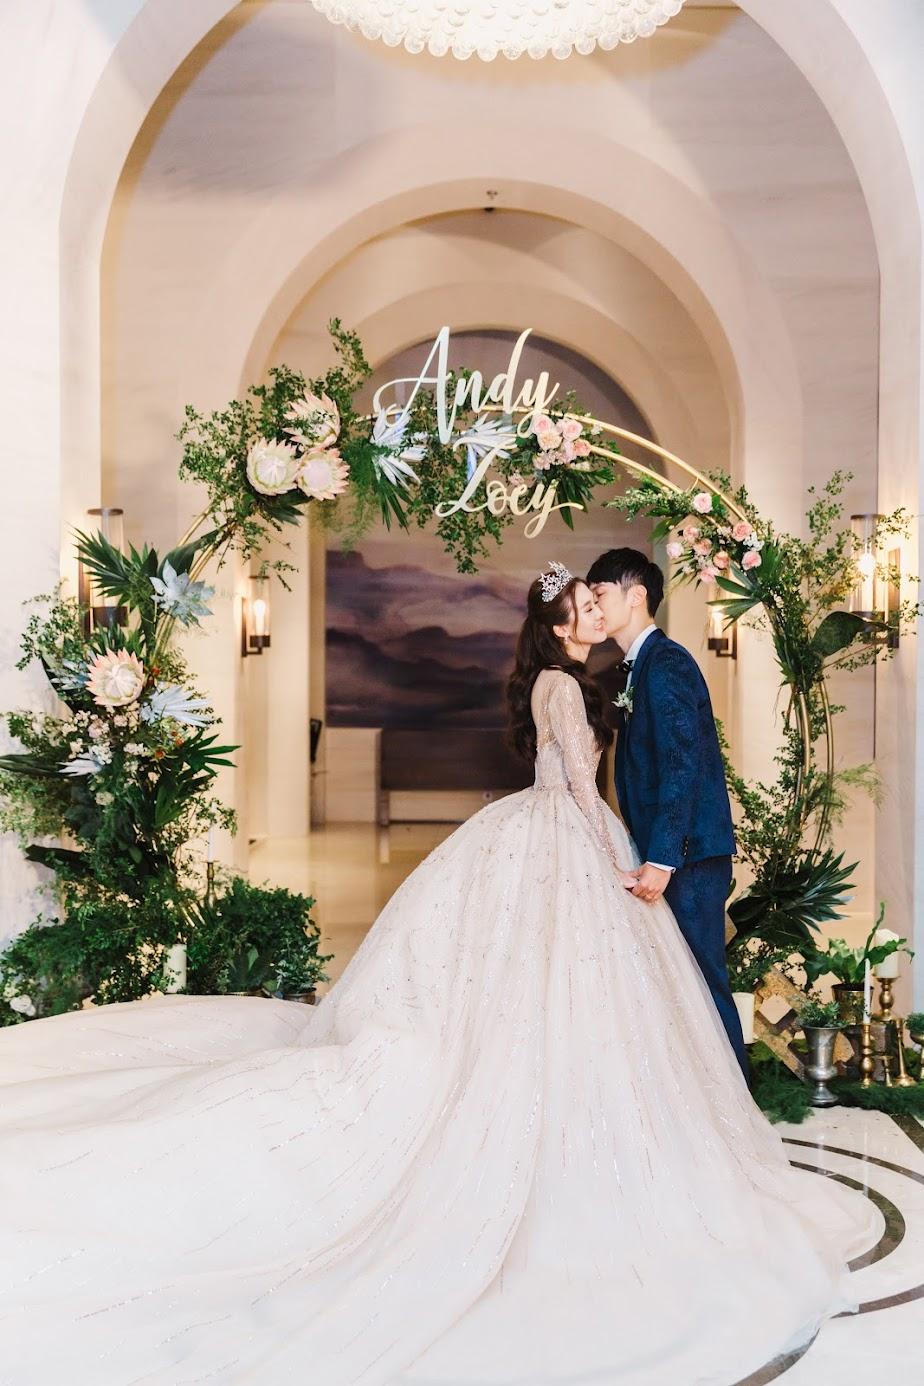 台北萬豪酒店 婚禮 美式婚禮紀錄 - 戶外證婚